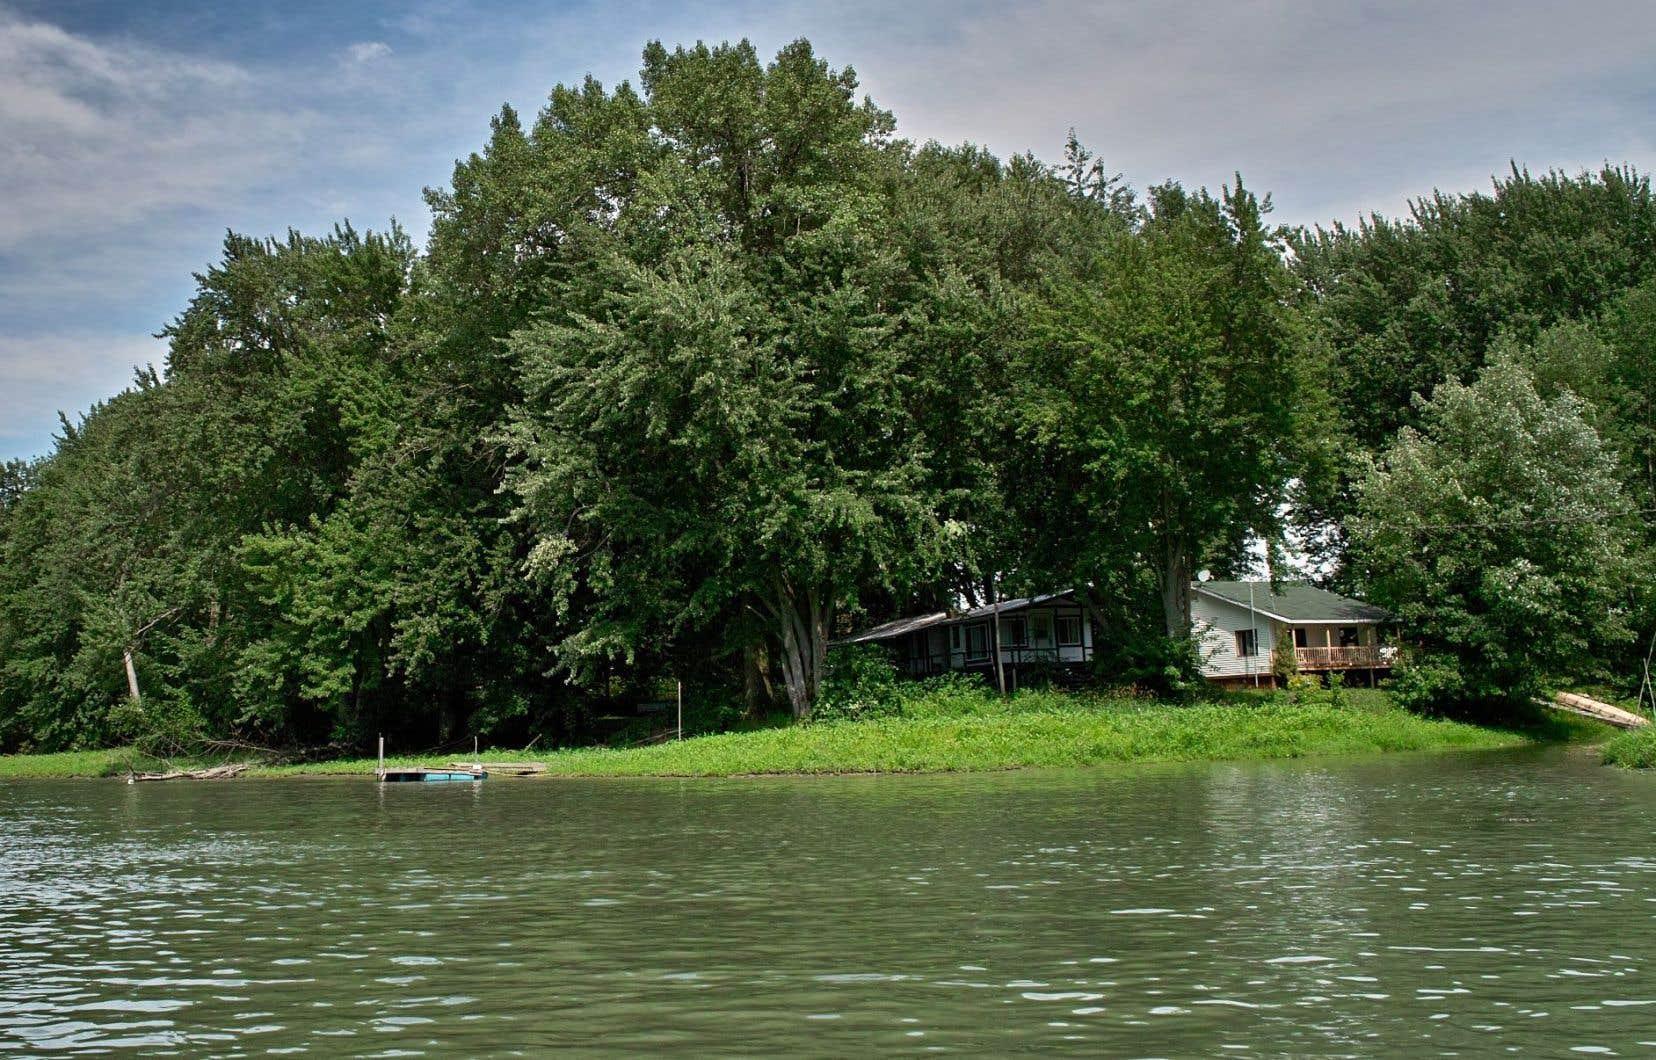 Le lac Saint-Pierre a été désigné Réserve mondiale de la biosphère par les Nations unies en l'an 2000.